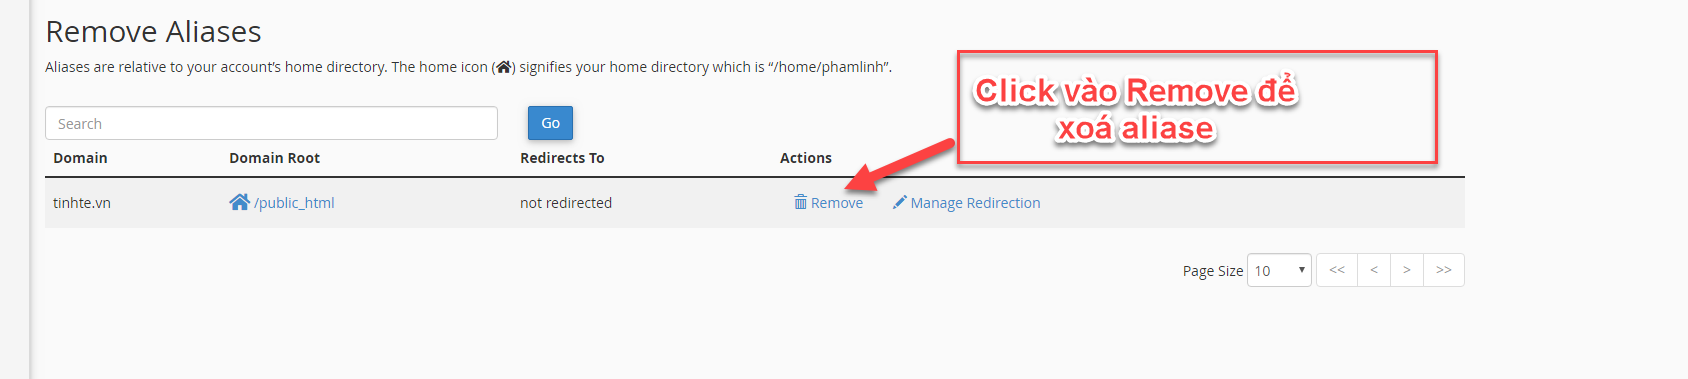 [cPanel] - Cách thêm Alias Domain (Tên miền ánh xạ) trên hosting cpanel thuộc TinoHost 2